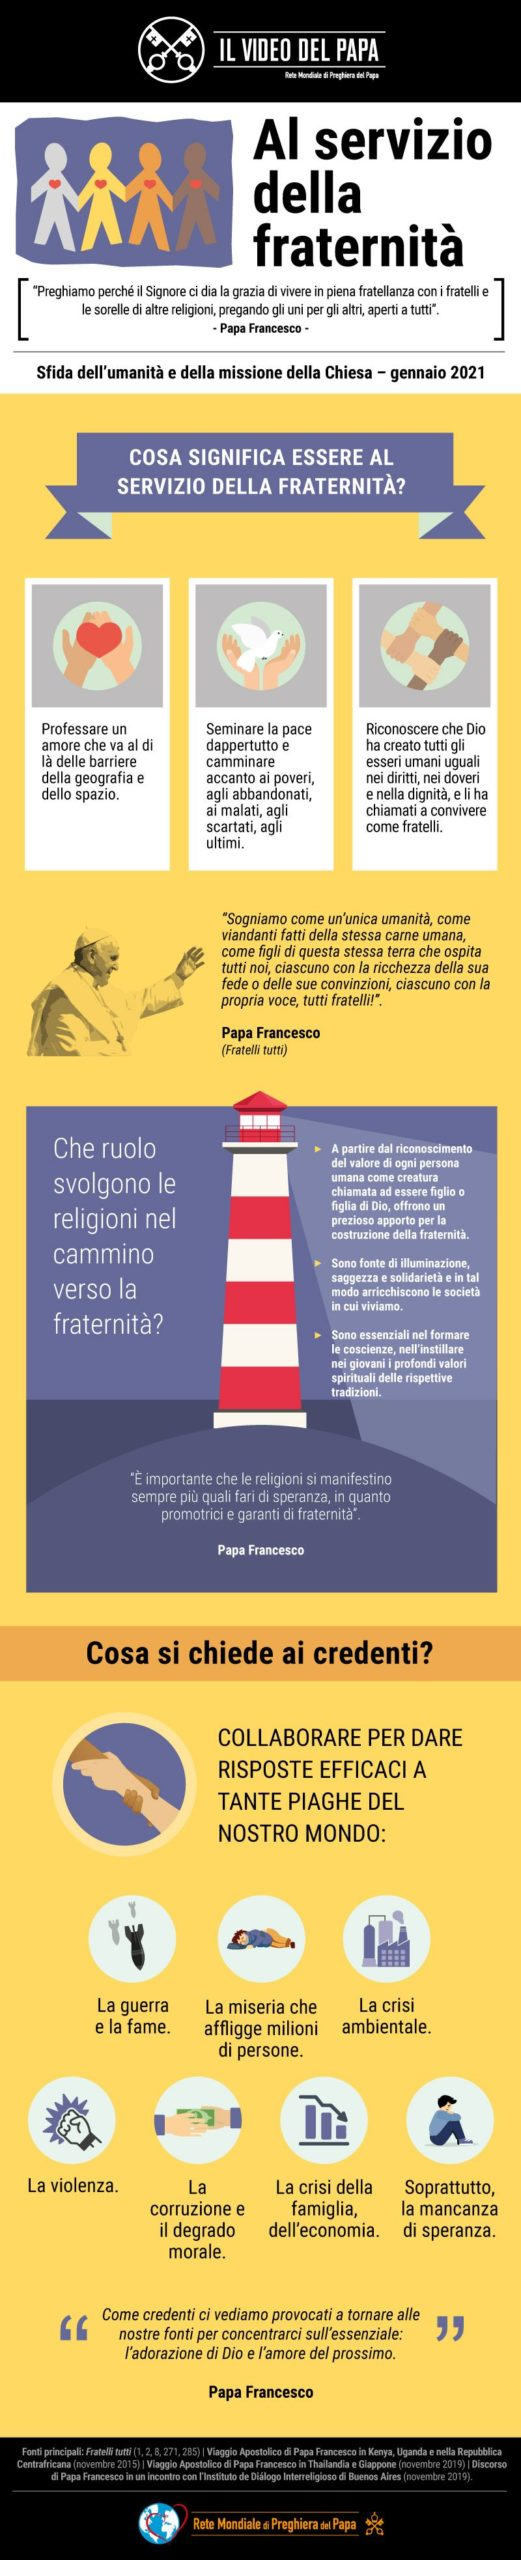 Infografia - TPV 1 2021 IT - Il Video del Papa - Al servizio della fraternità